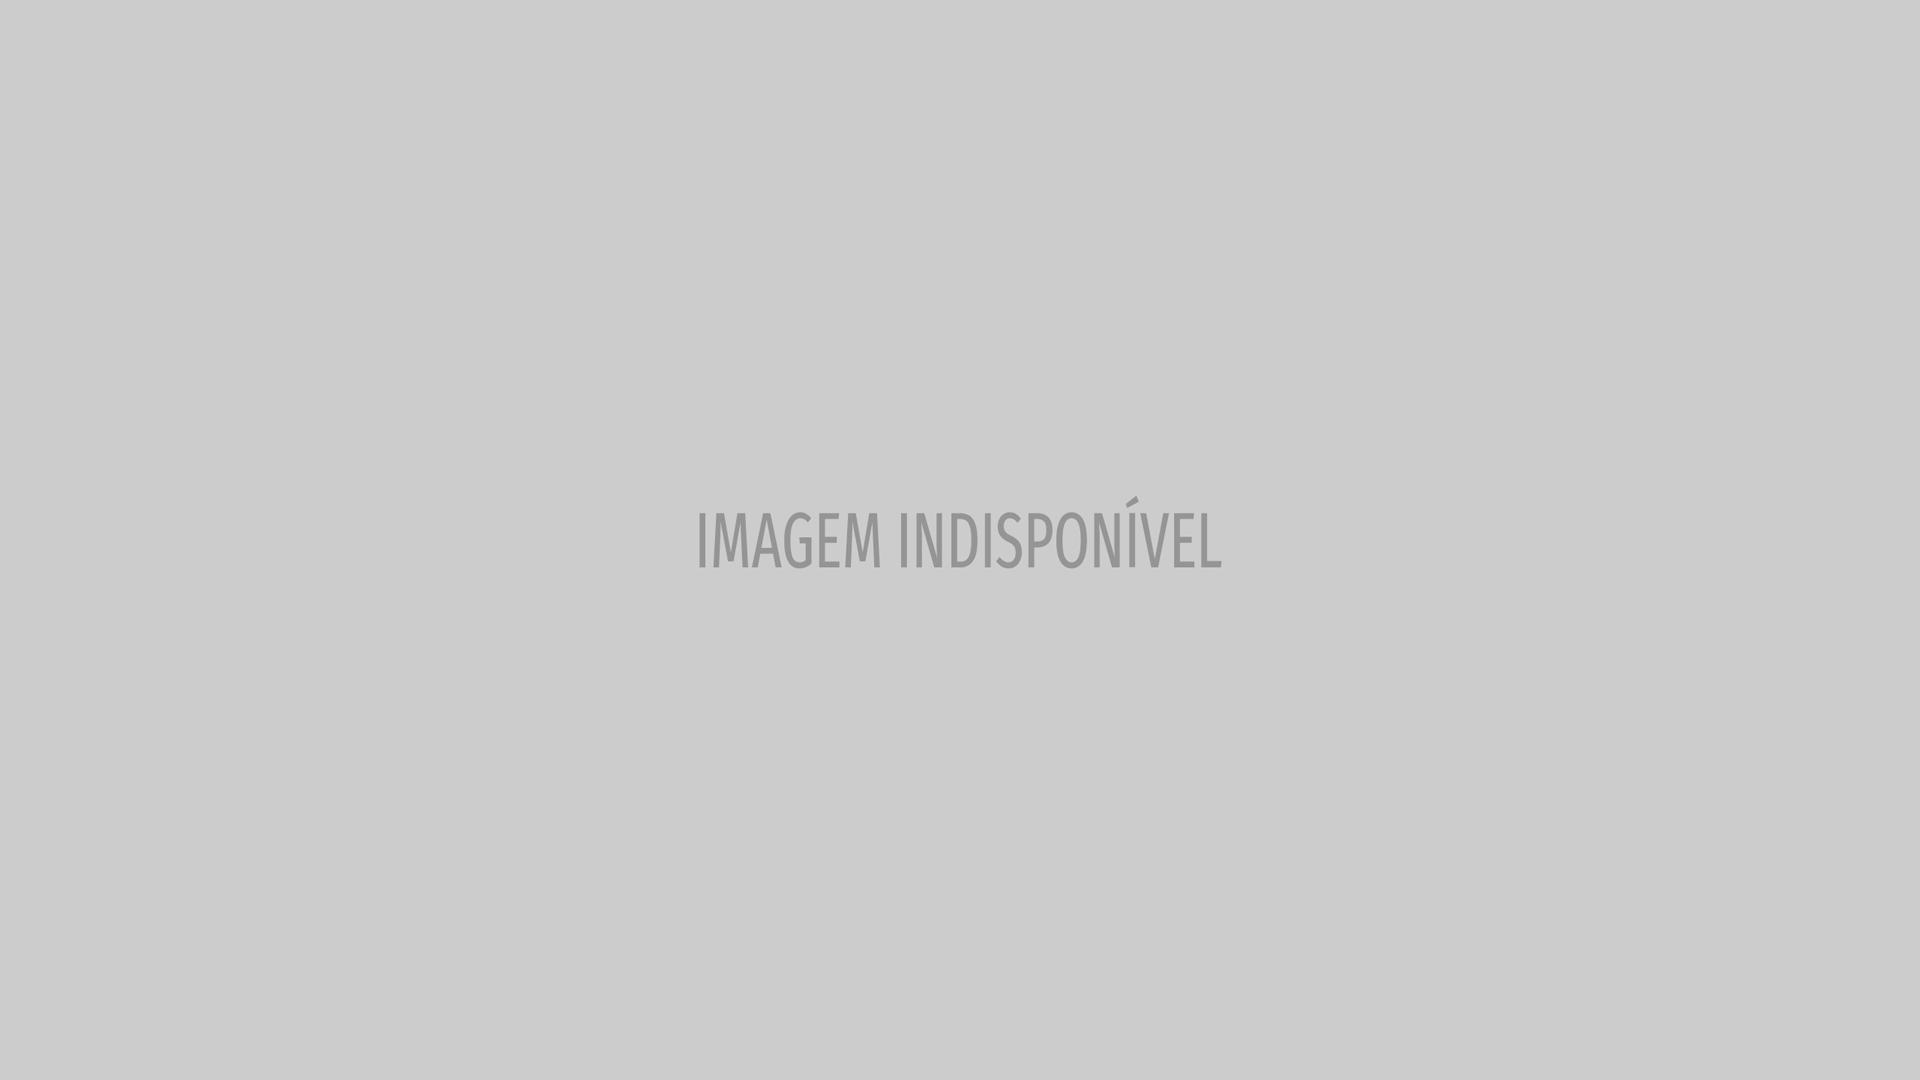 Jogador da Chapecoense postou fotos  em avião antes de acidente